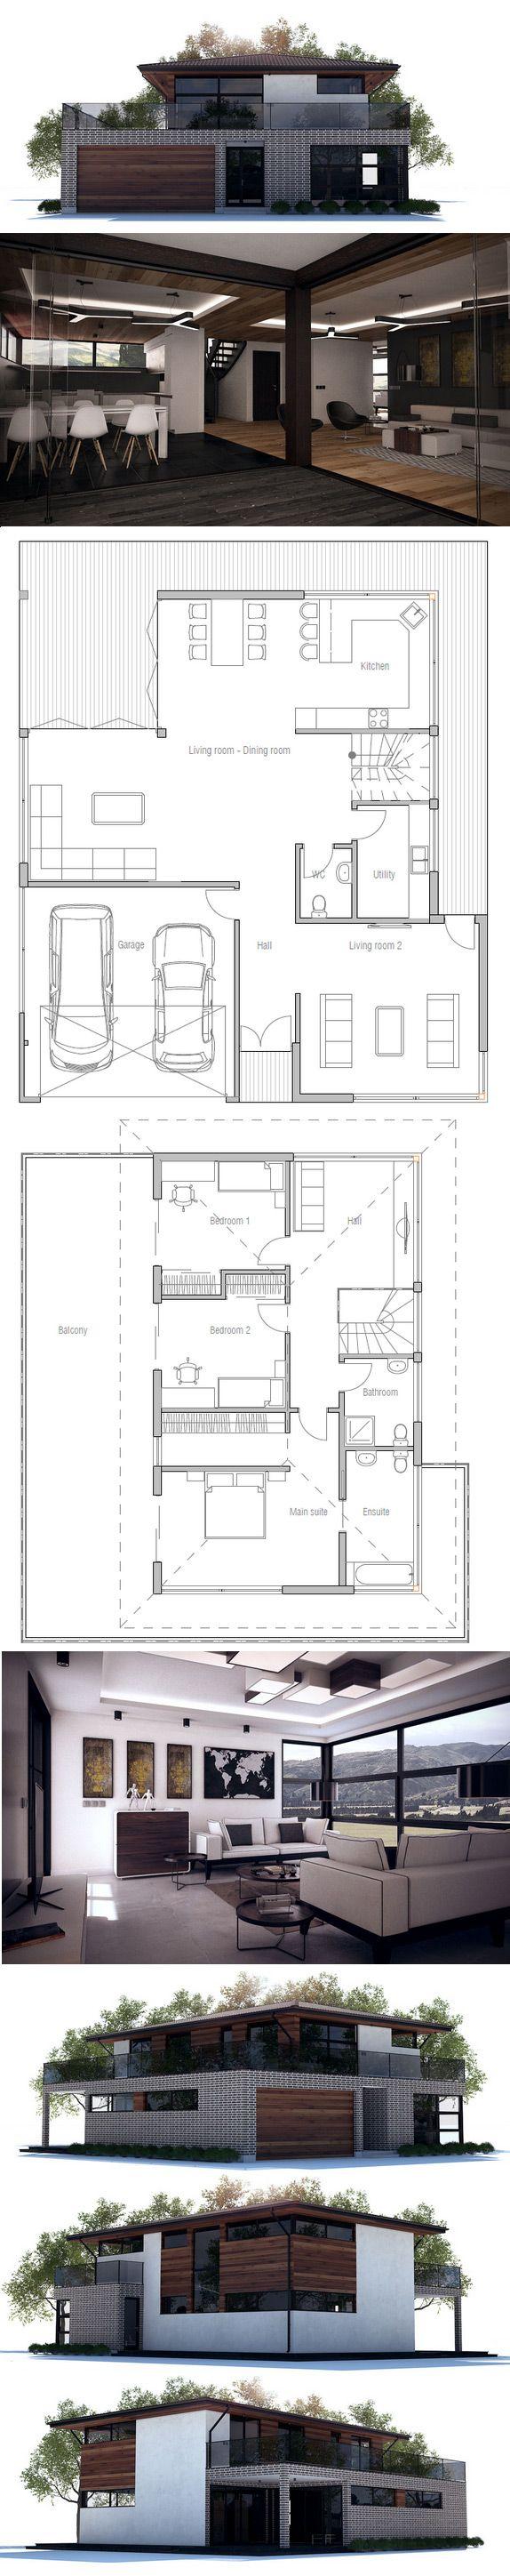 oltre 25 fantastiche idee su fare archi su pinterest. Black Bedroom Furniture Sets. Home Design Ideas